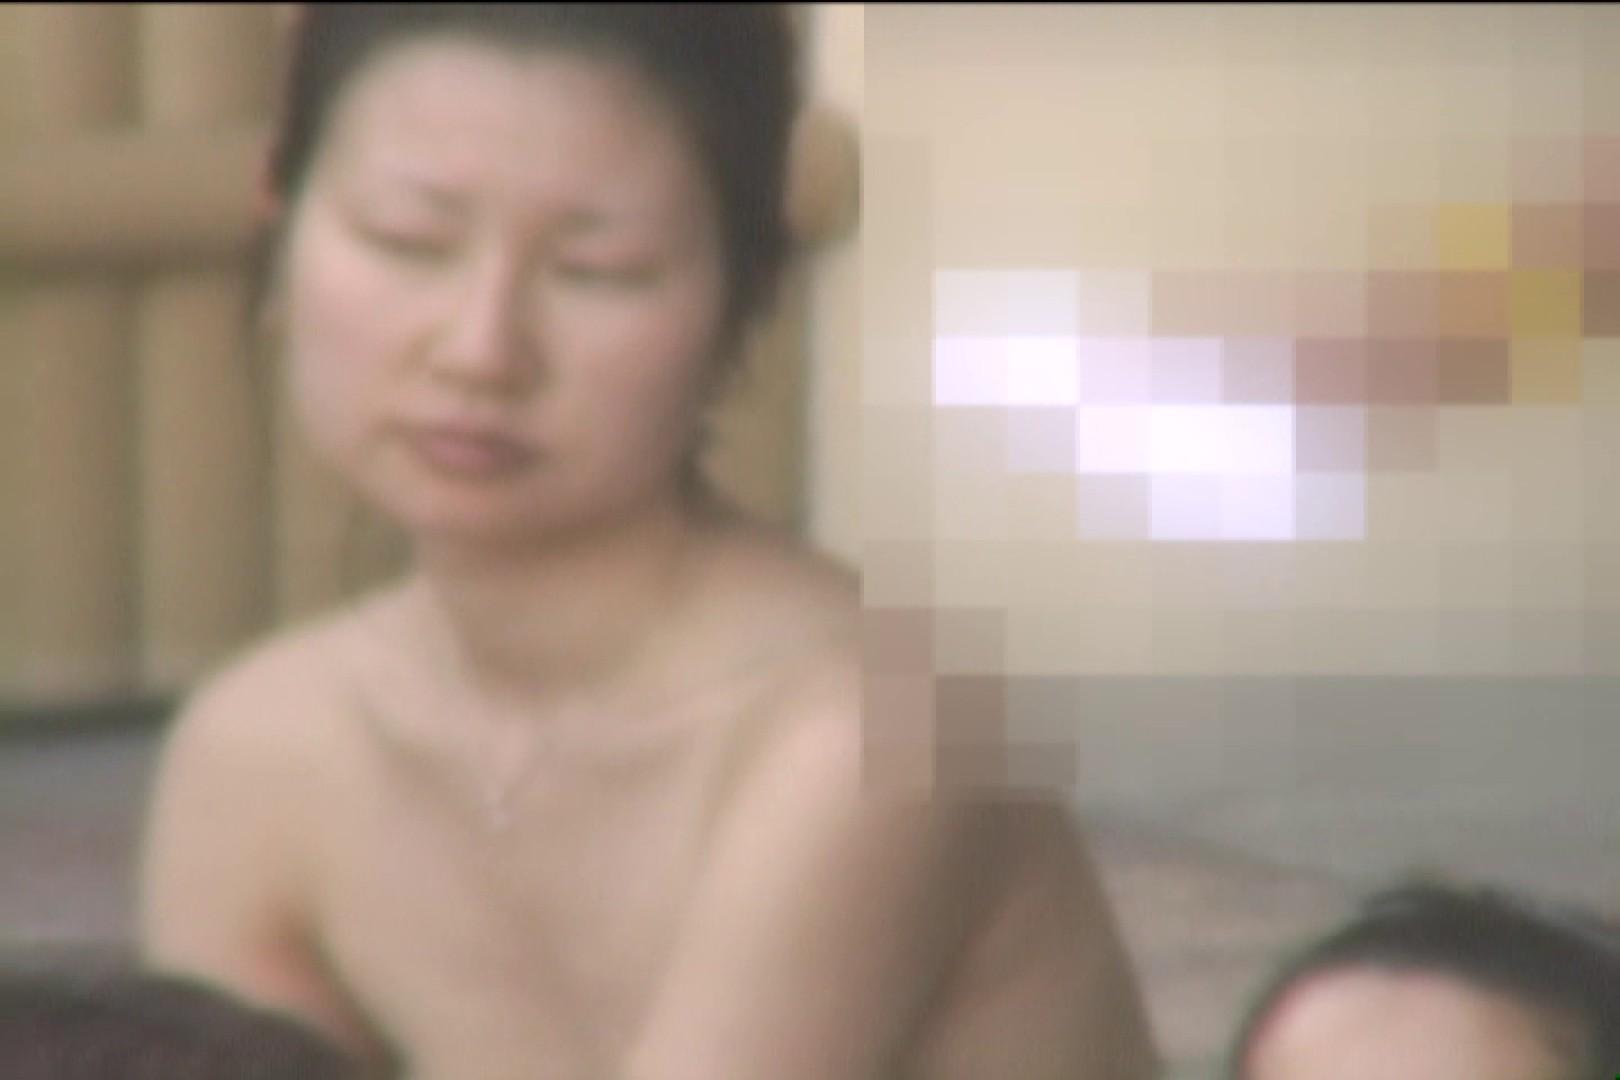 Aquaな露天風呂Vol.477 盗撮 | OLのエロ生活  79連発 79